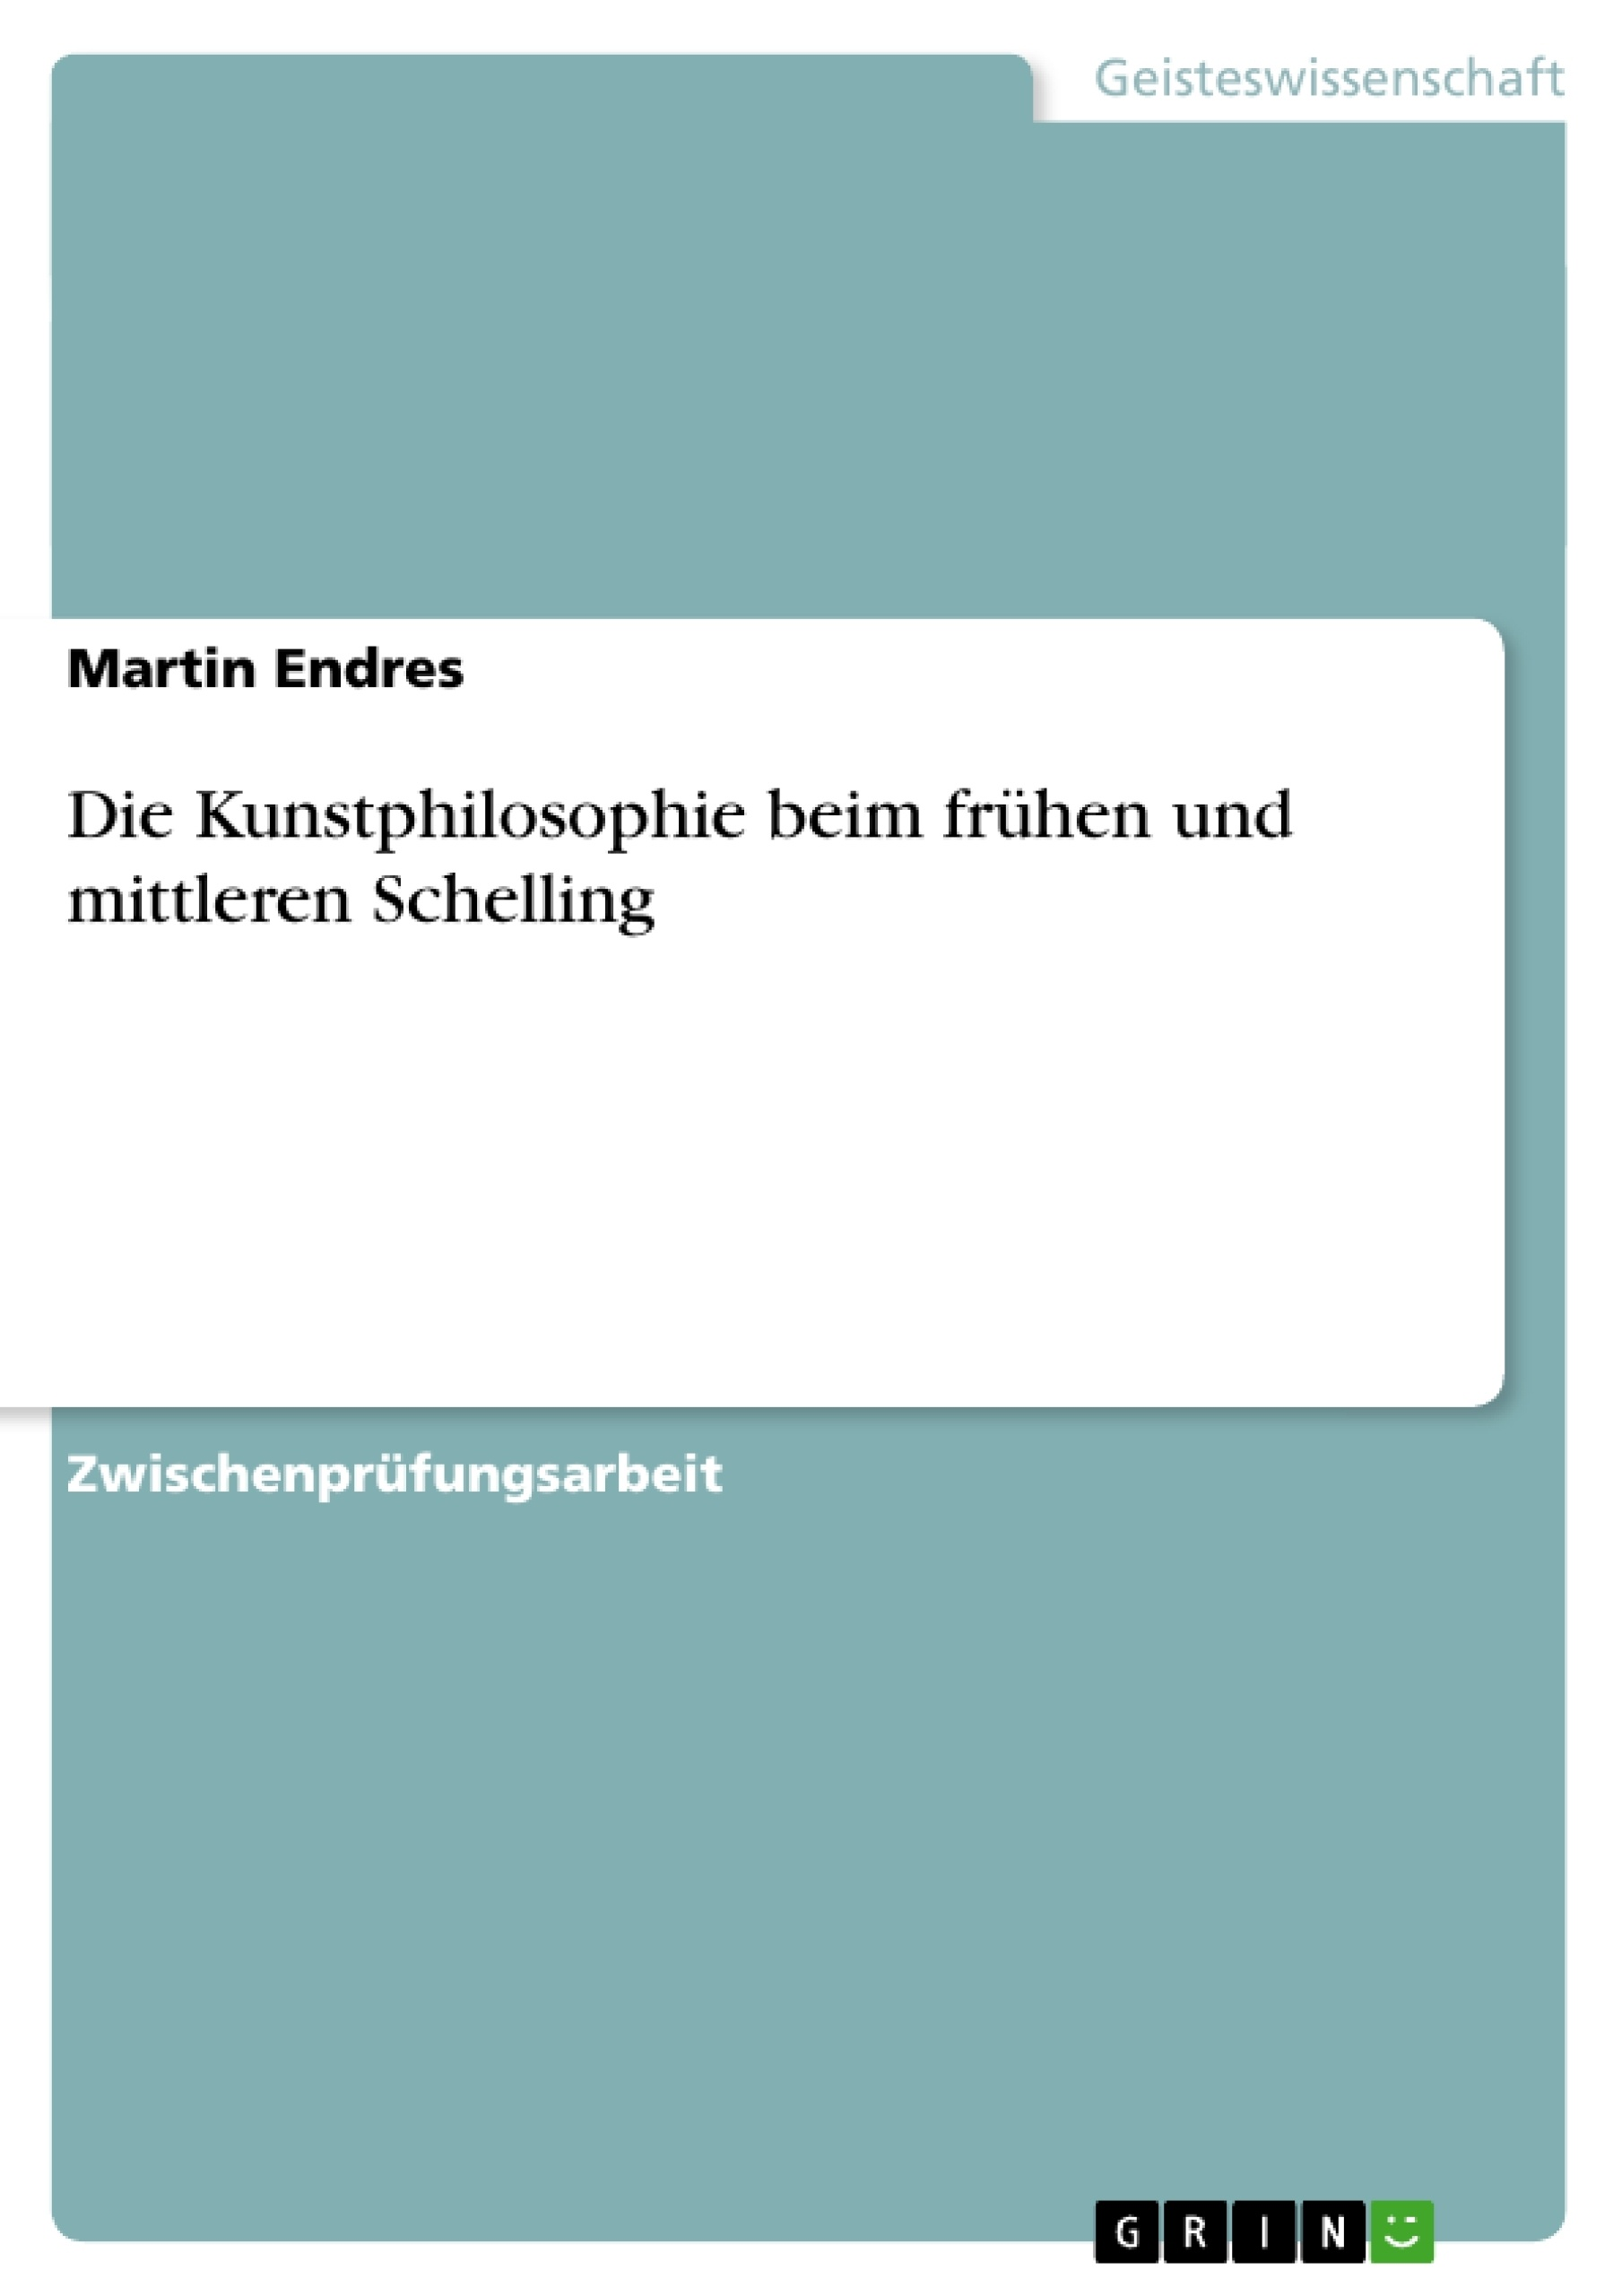 Titel: Die Kunstphilosophie beim frühen und mittleren Schelling